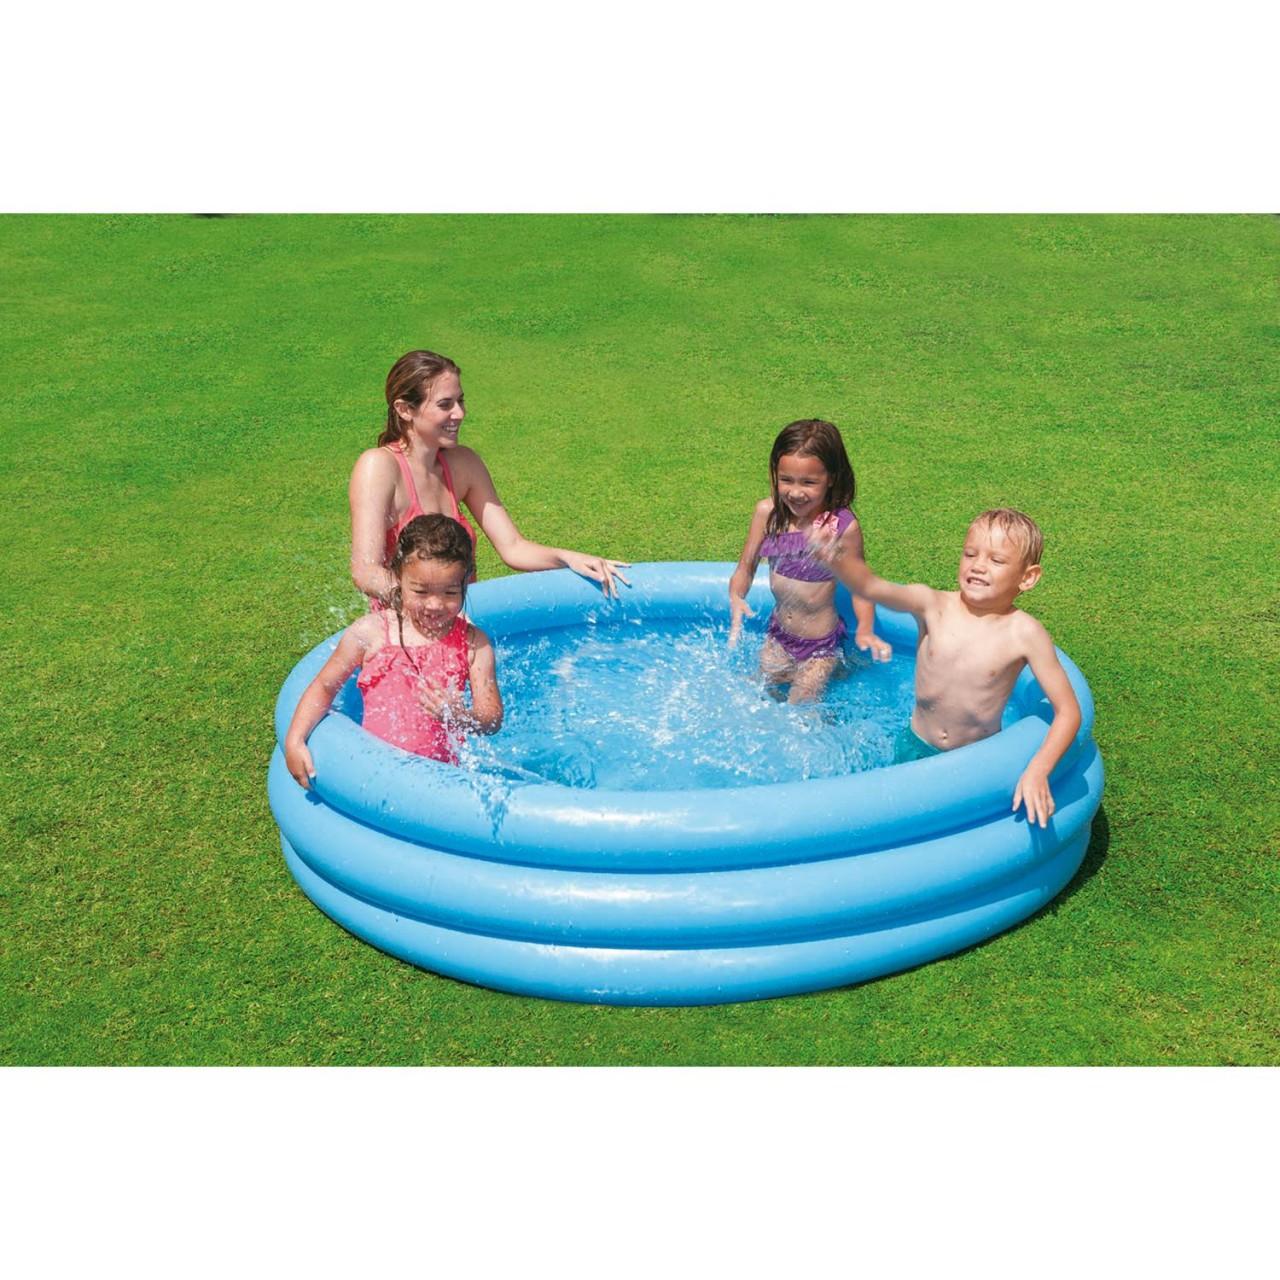 Intex 58426NP Crystal Blue Schwimmbad 147 x 33 cm blau